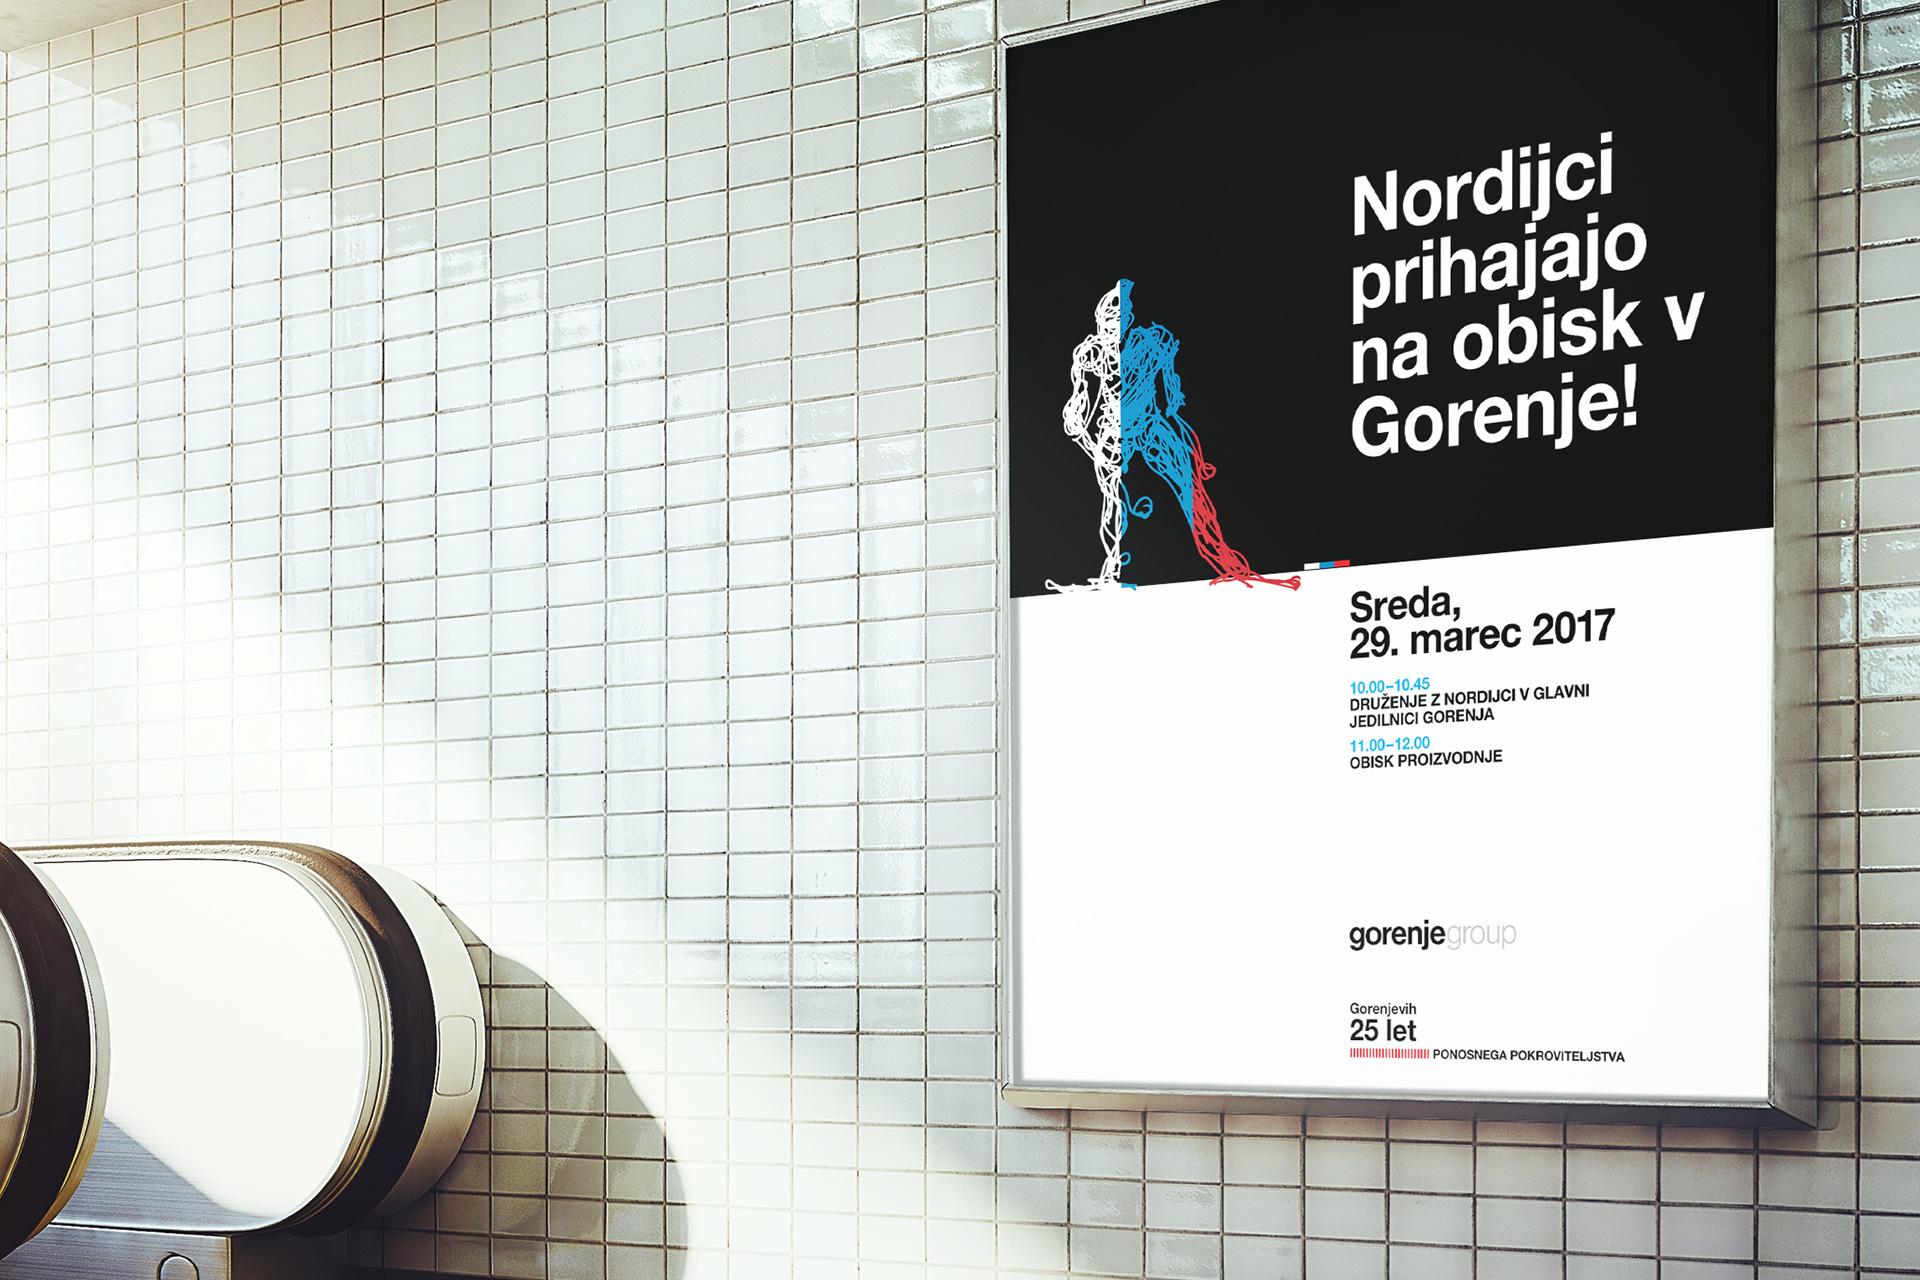 gorenje_nordijci_1